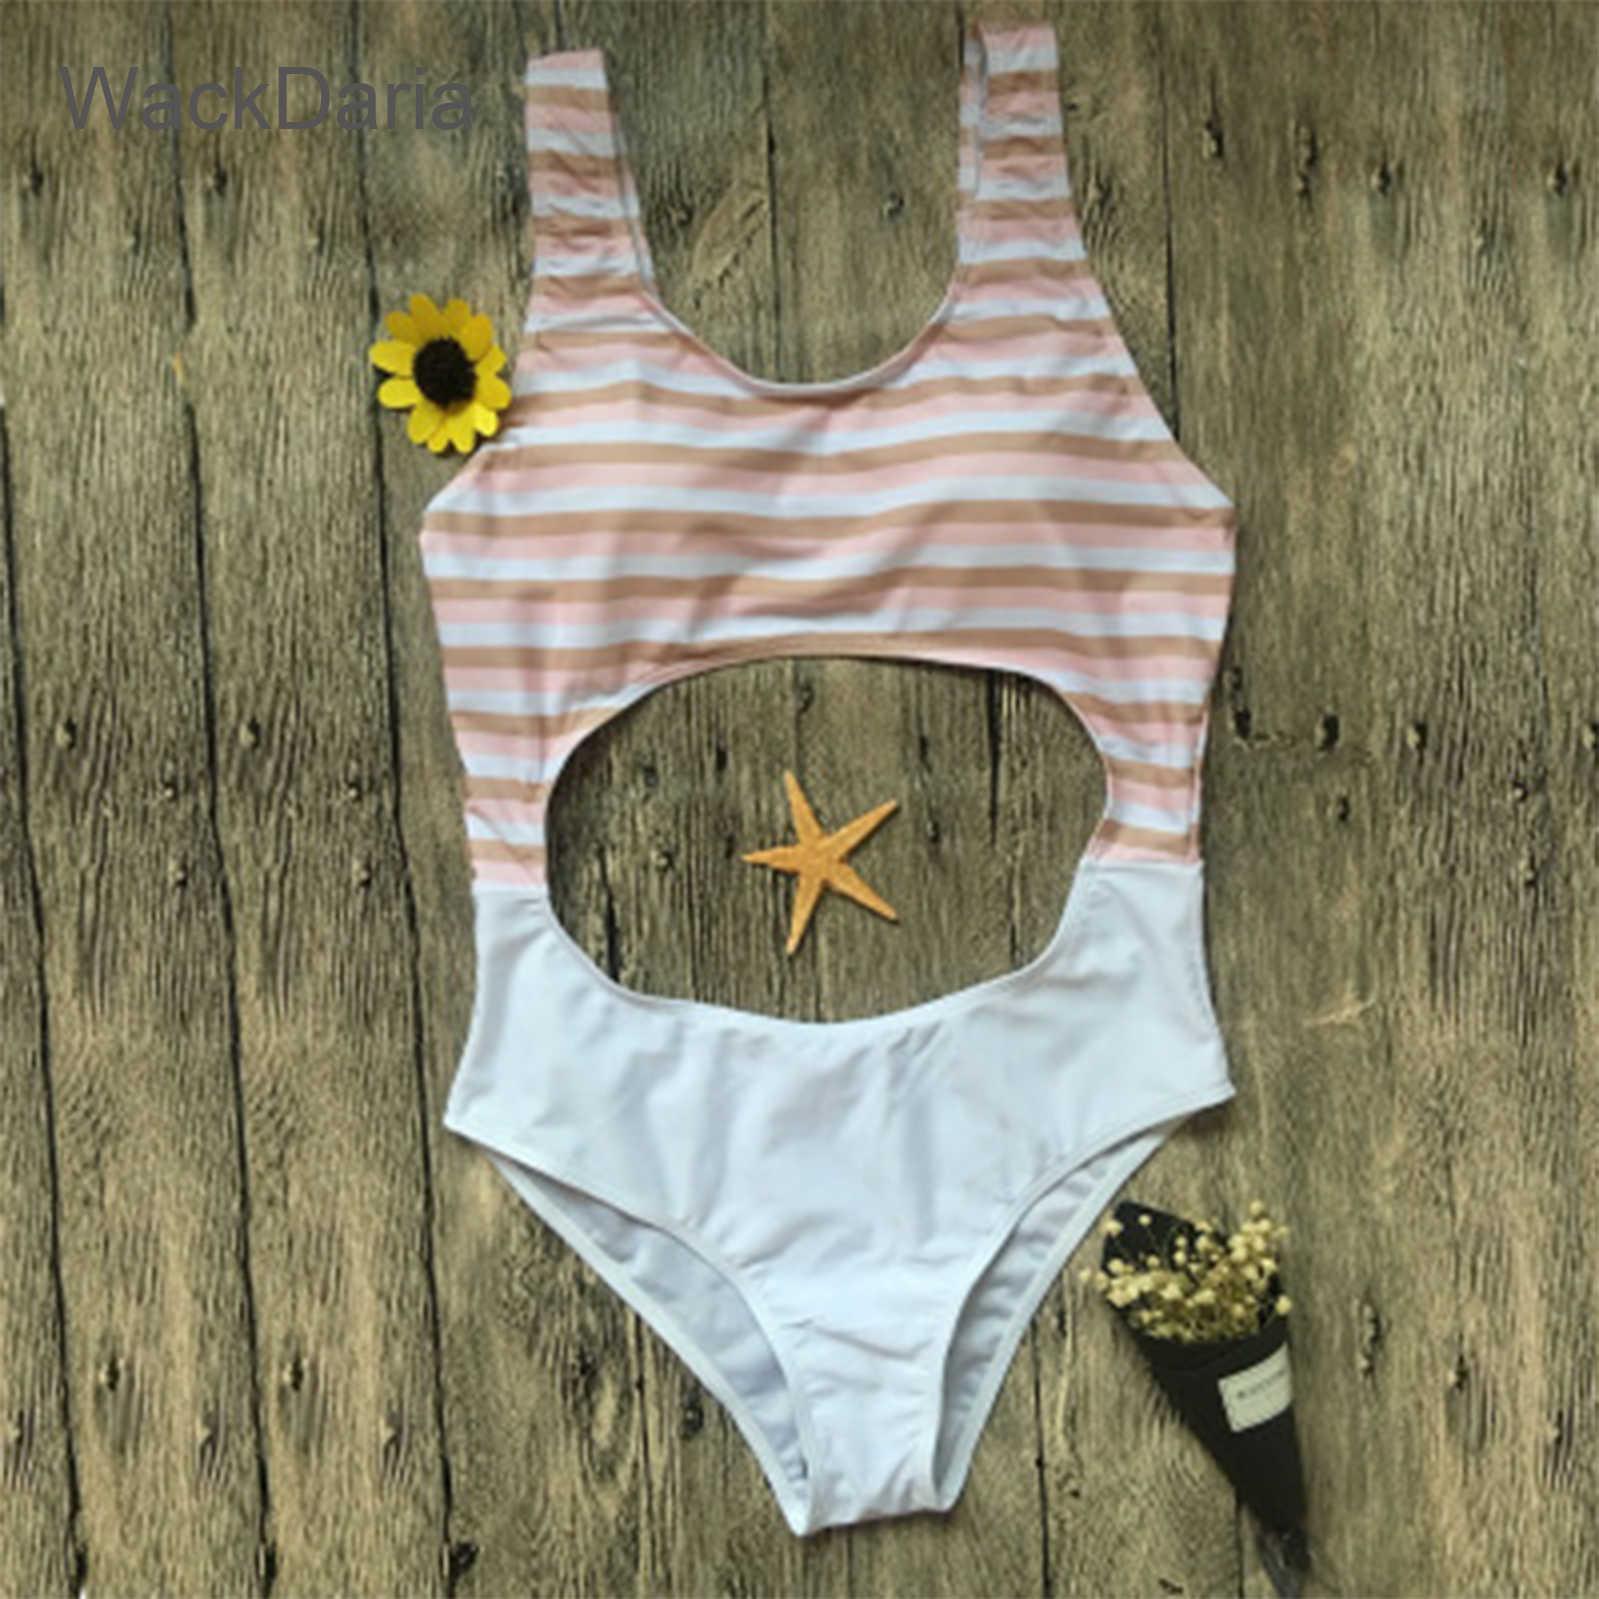 WackDaria sexy kobiet strój kąpielowy stroje kąpielowe z miękki biustonosz-pad maillot de bain femme brazylijski drążą styl brązowy/ proszę kliknąć na zielony pływanie